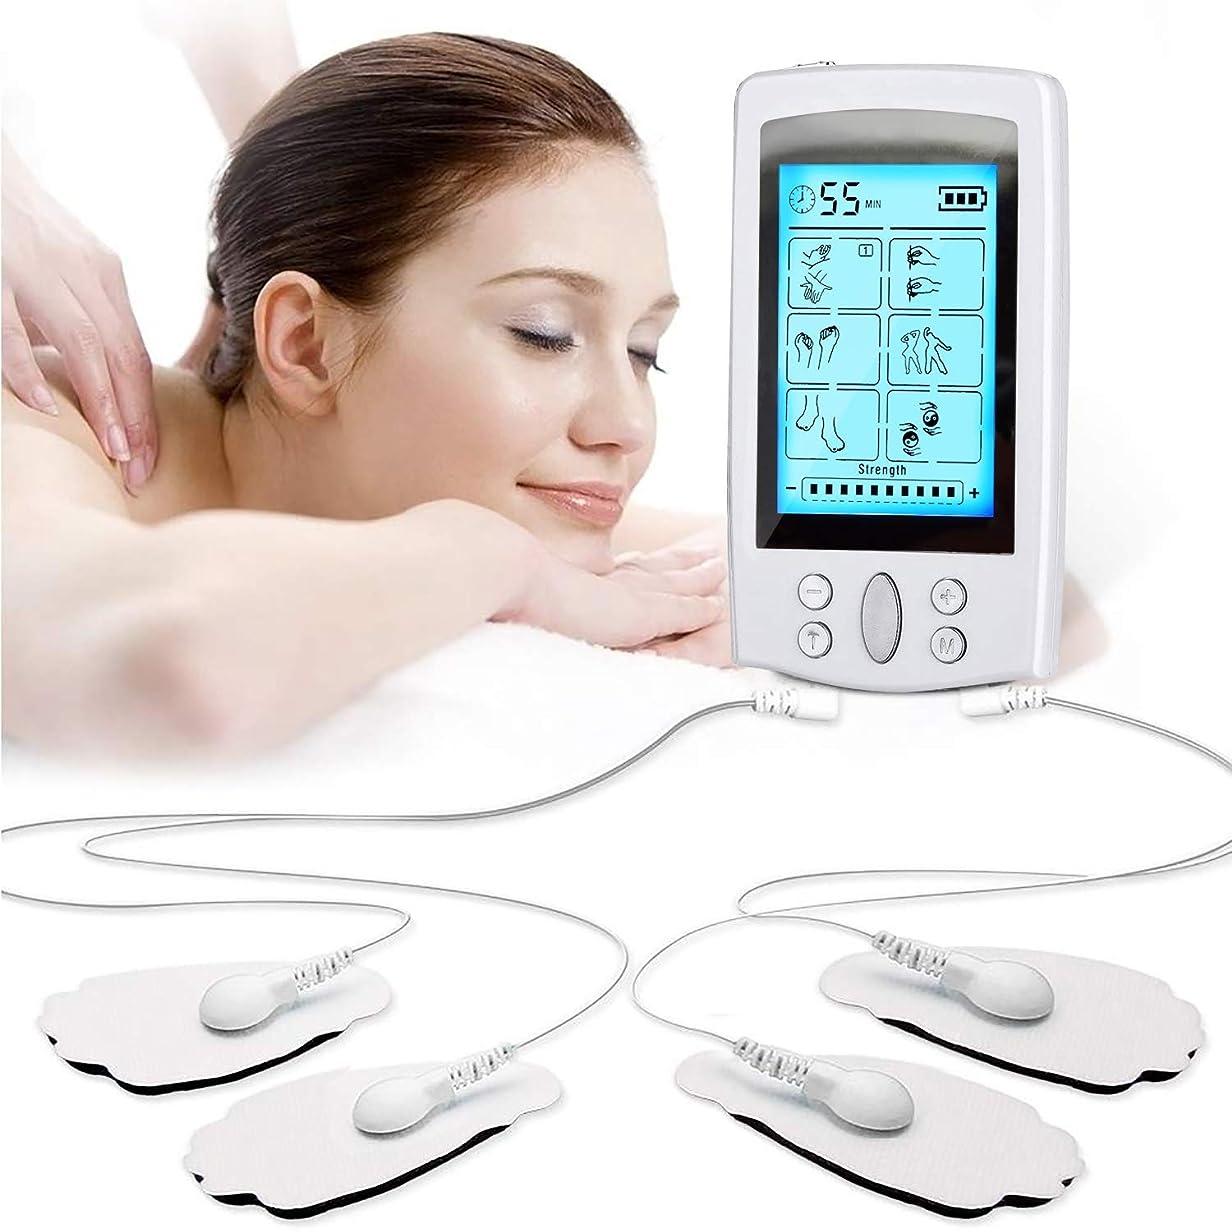 図書館モナリザ条件付きEMS/TENS刺激装置デジタル、 携帯用ヘルスケアボディ電気単位および筋肉刺激装置、電極パッドが付いている12のモード20レベル筋肉刺激のマッサージャー